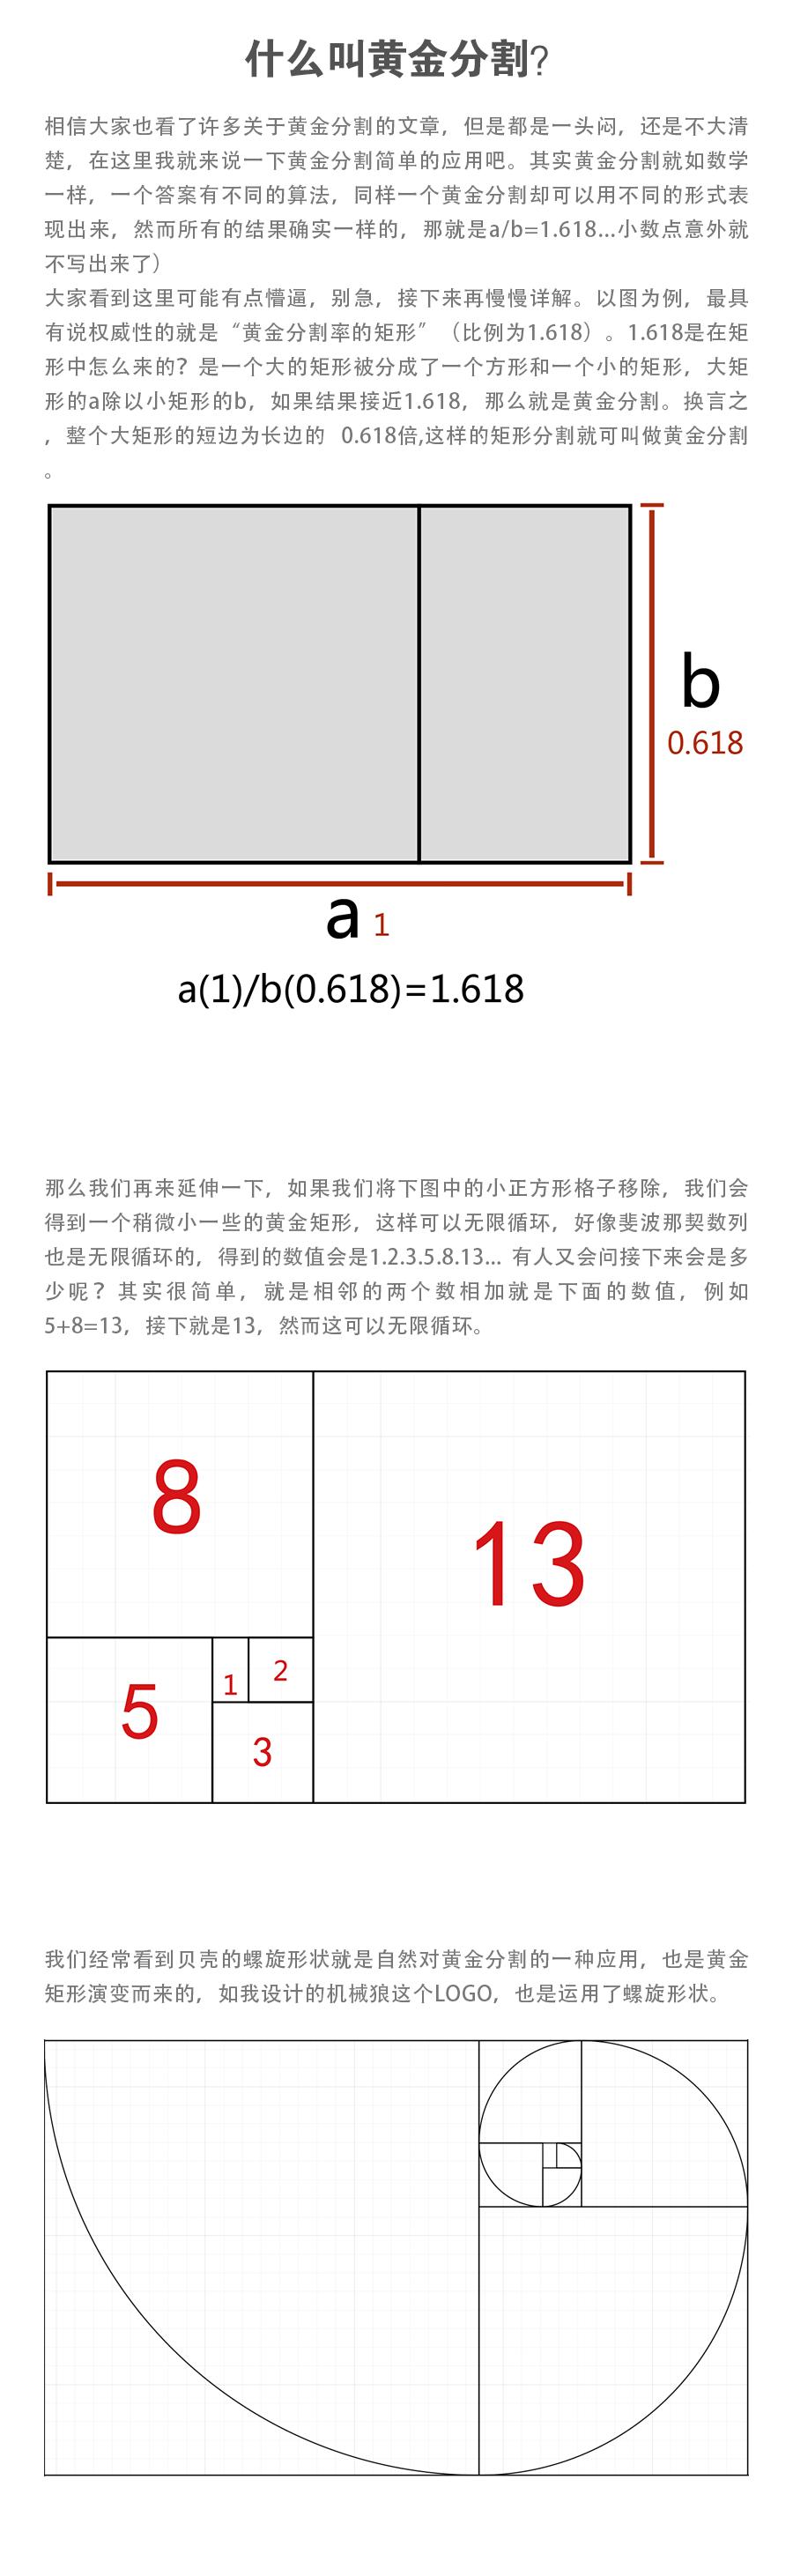 实例详解黄金分割+布尔运算+正负形LOGO(图标方向详情) 飞特网 AI实例教程